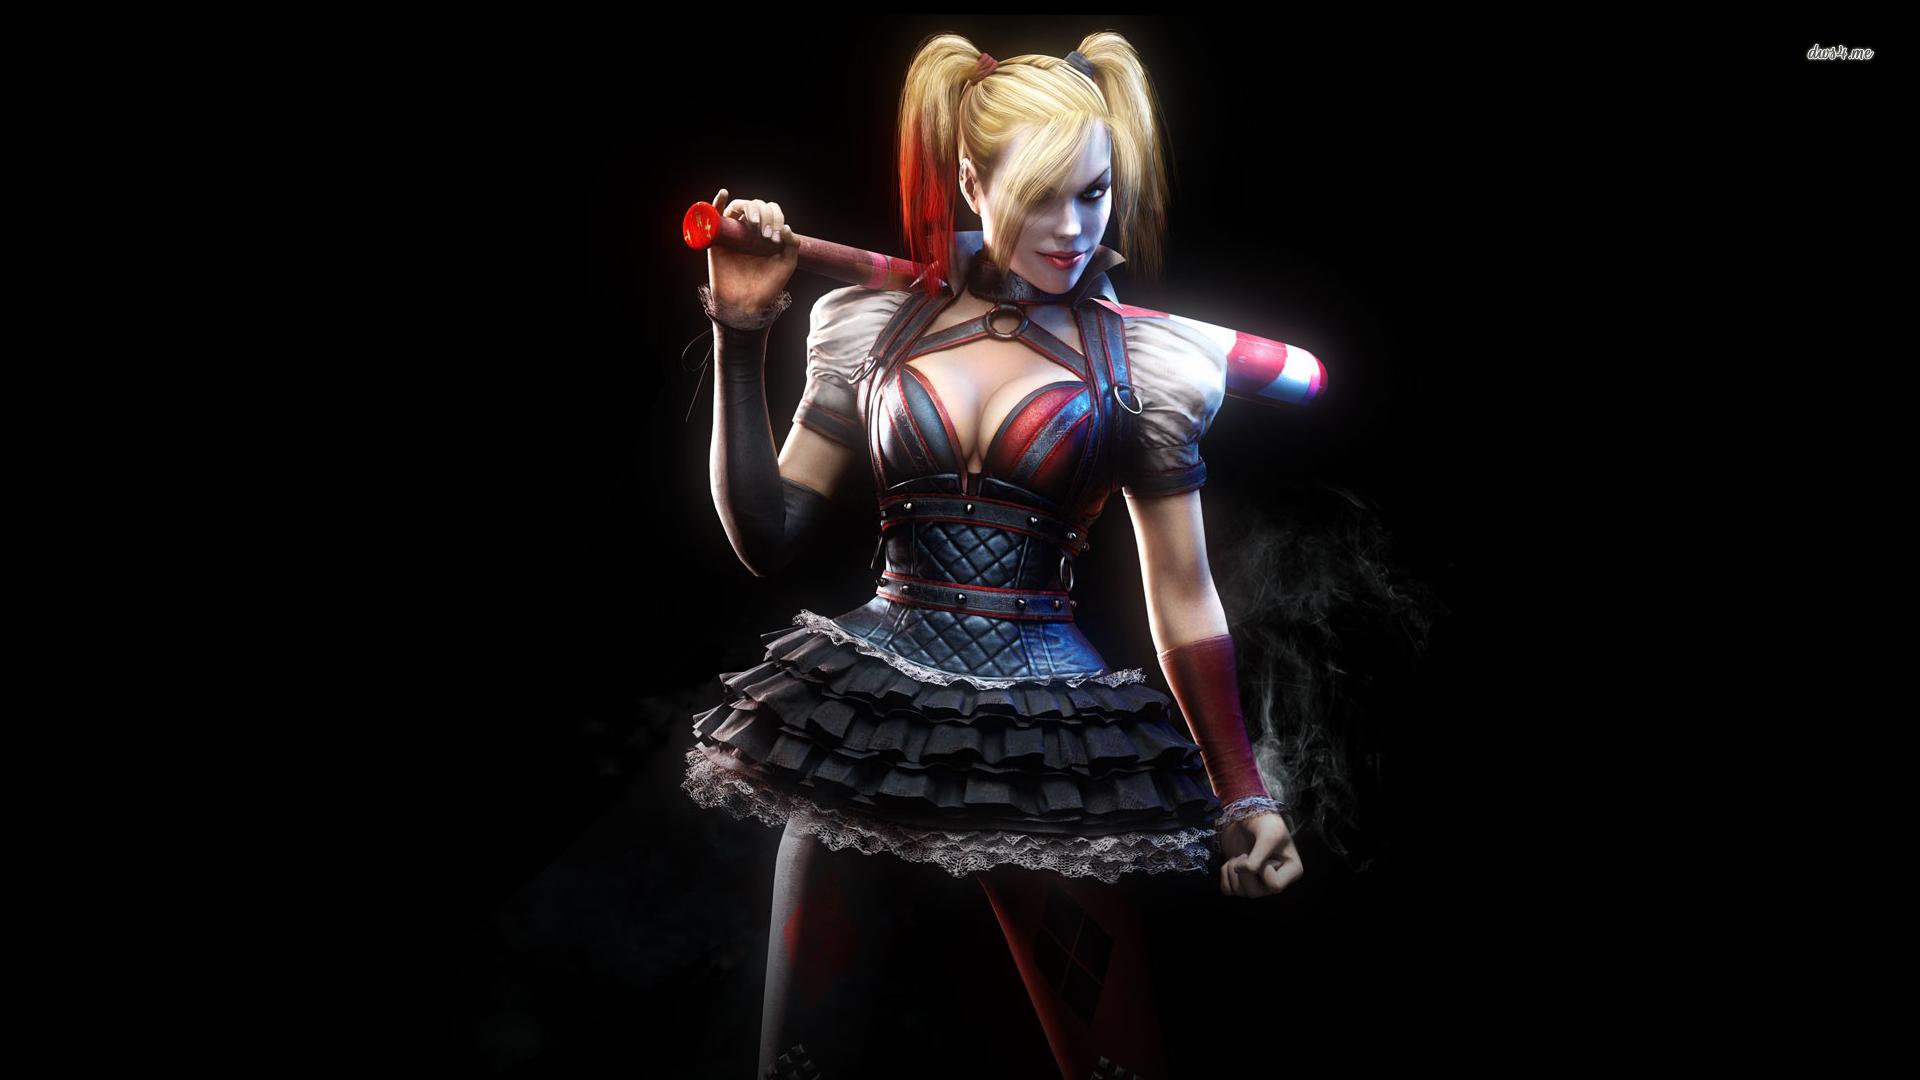 Harley Quinn Arkham Knight Wallpaper - WallpaperSafari